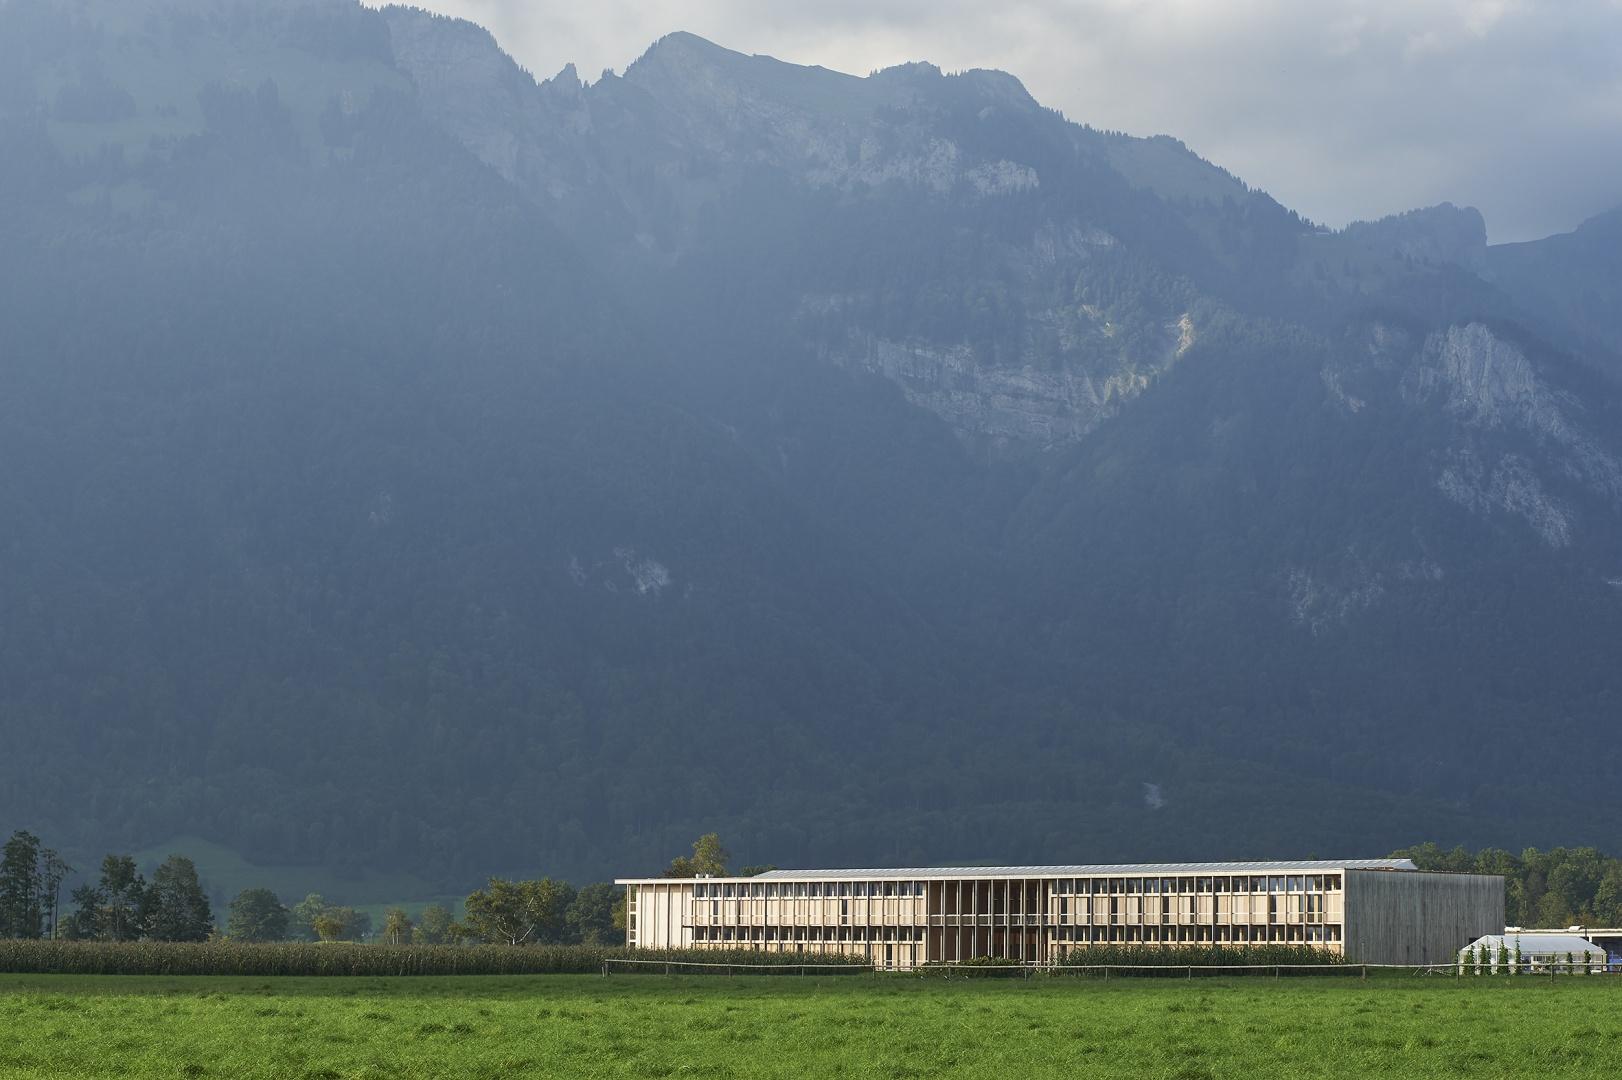 Eingebettet in der wunderbaren Landschaft © Seraina Wirz, Atelier für Architekturfotografie, Böcklinstrasse 17 8032 Zürich